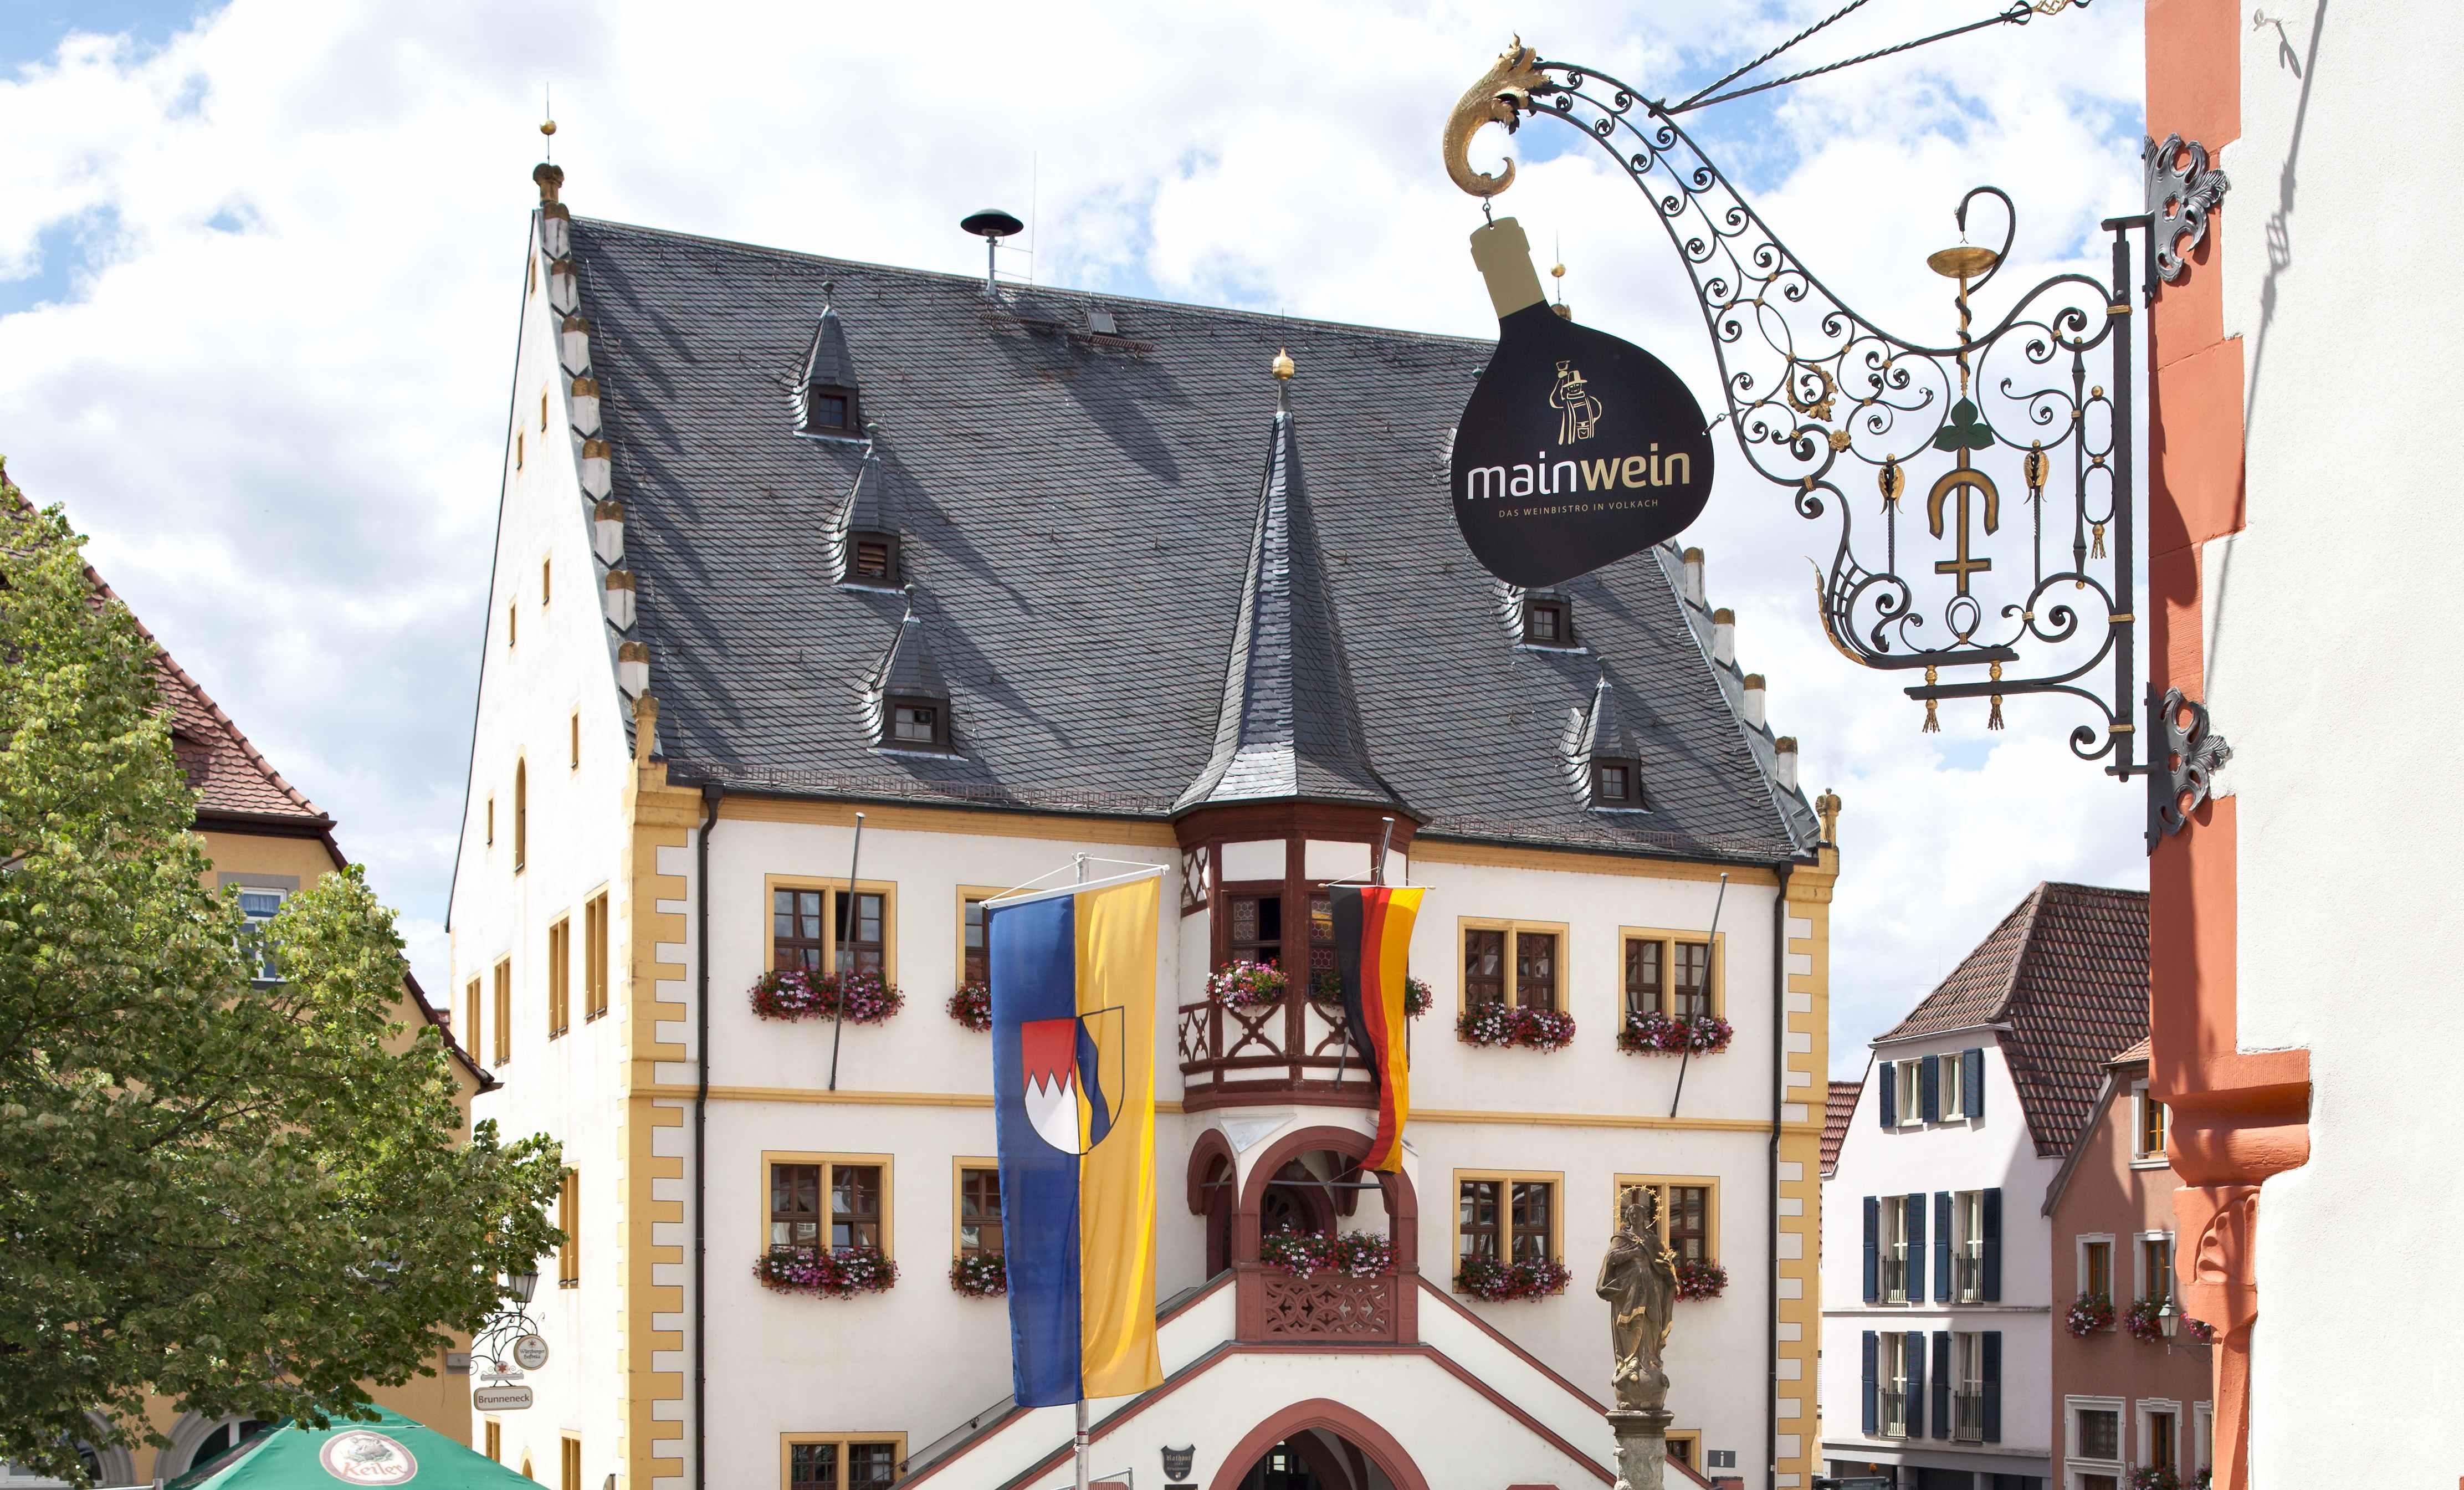 Mainwein Weinbistro Volkach